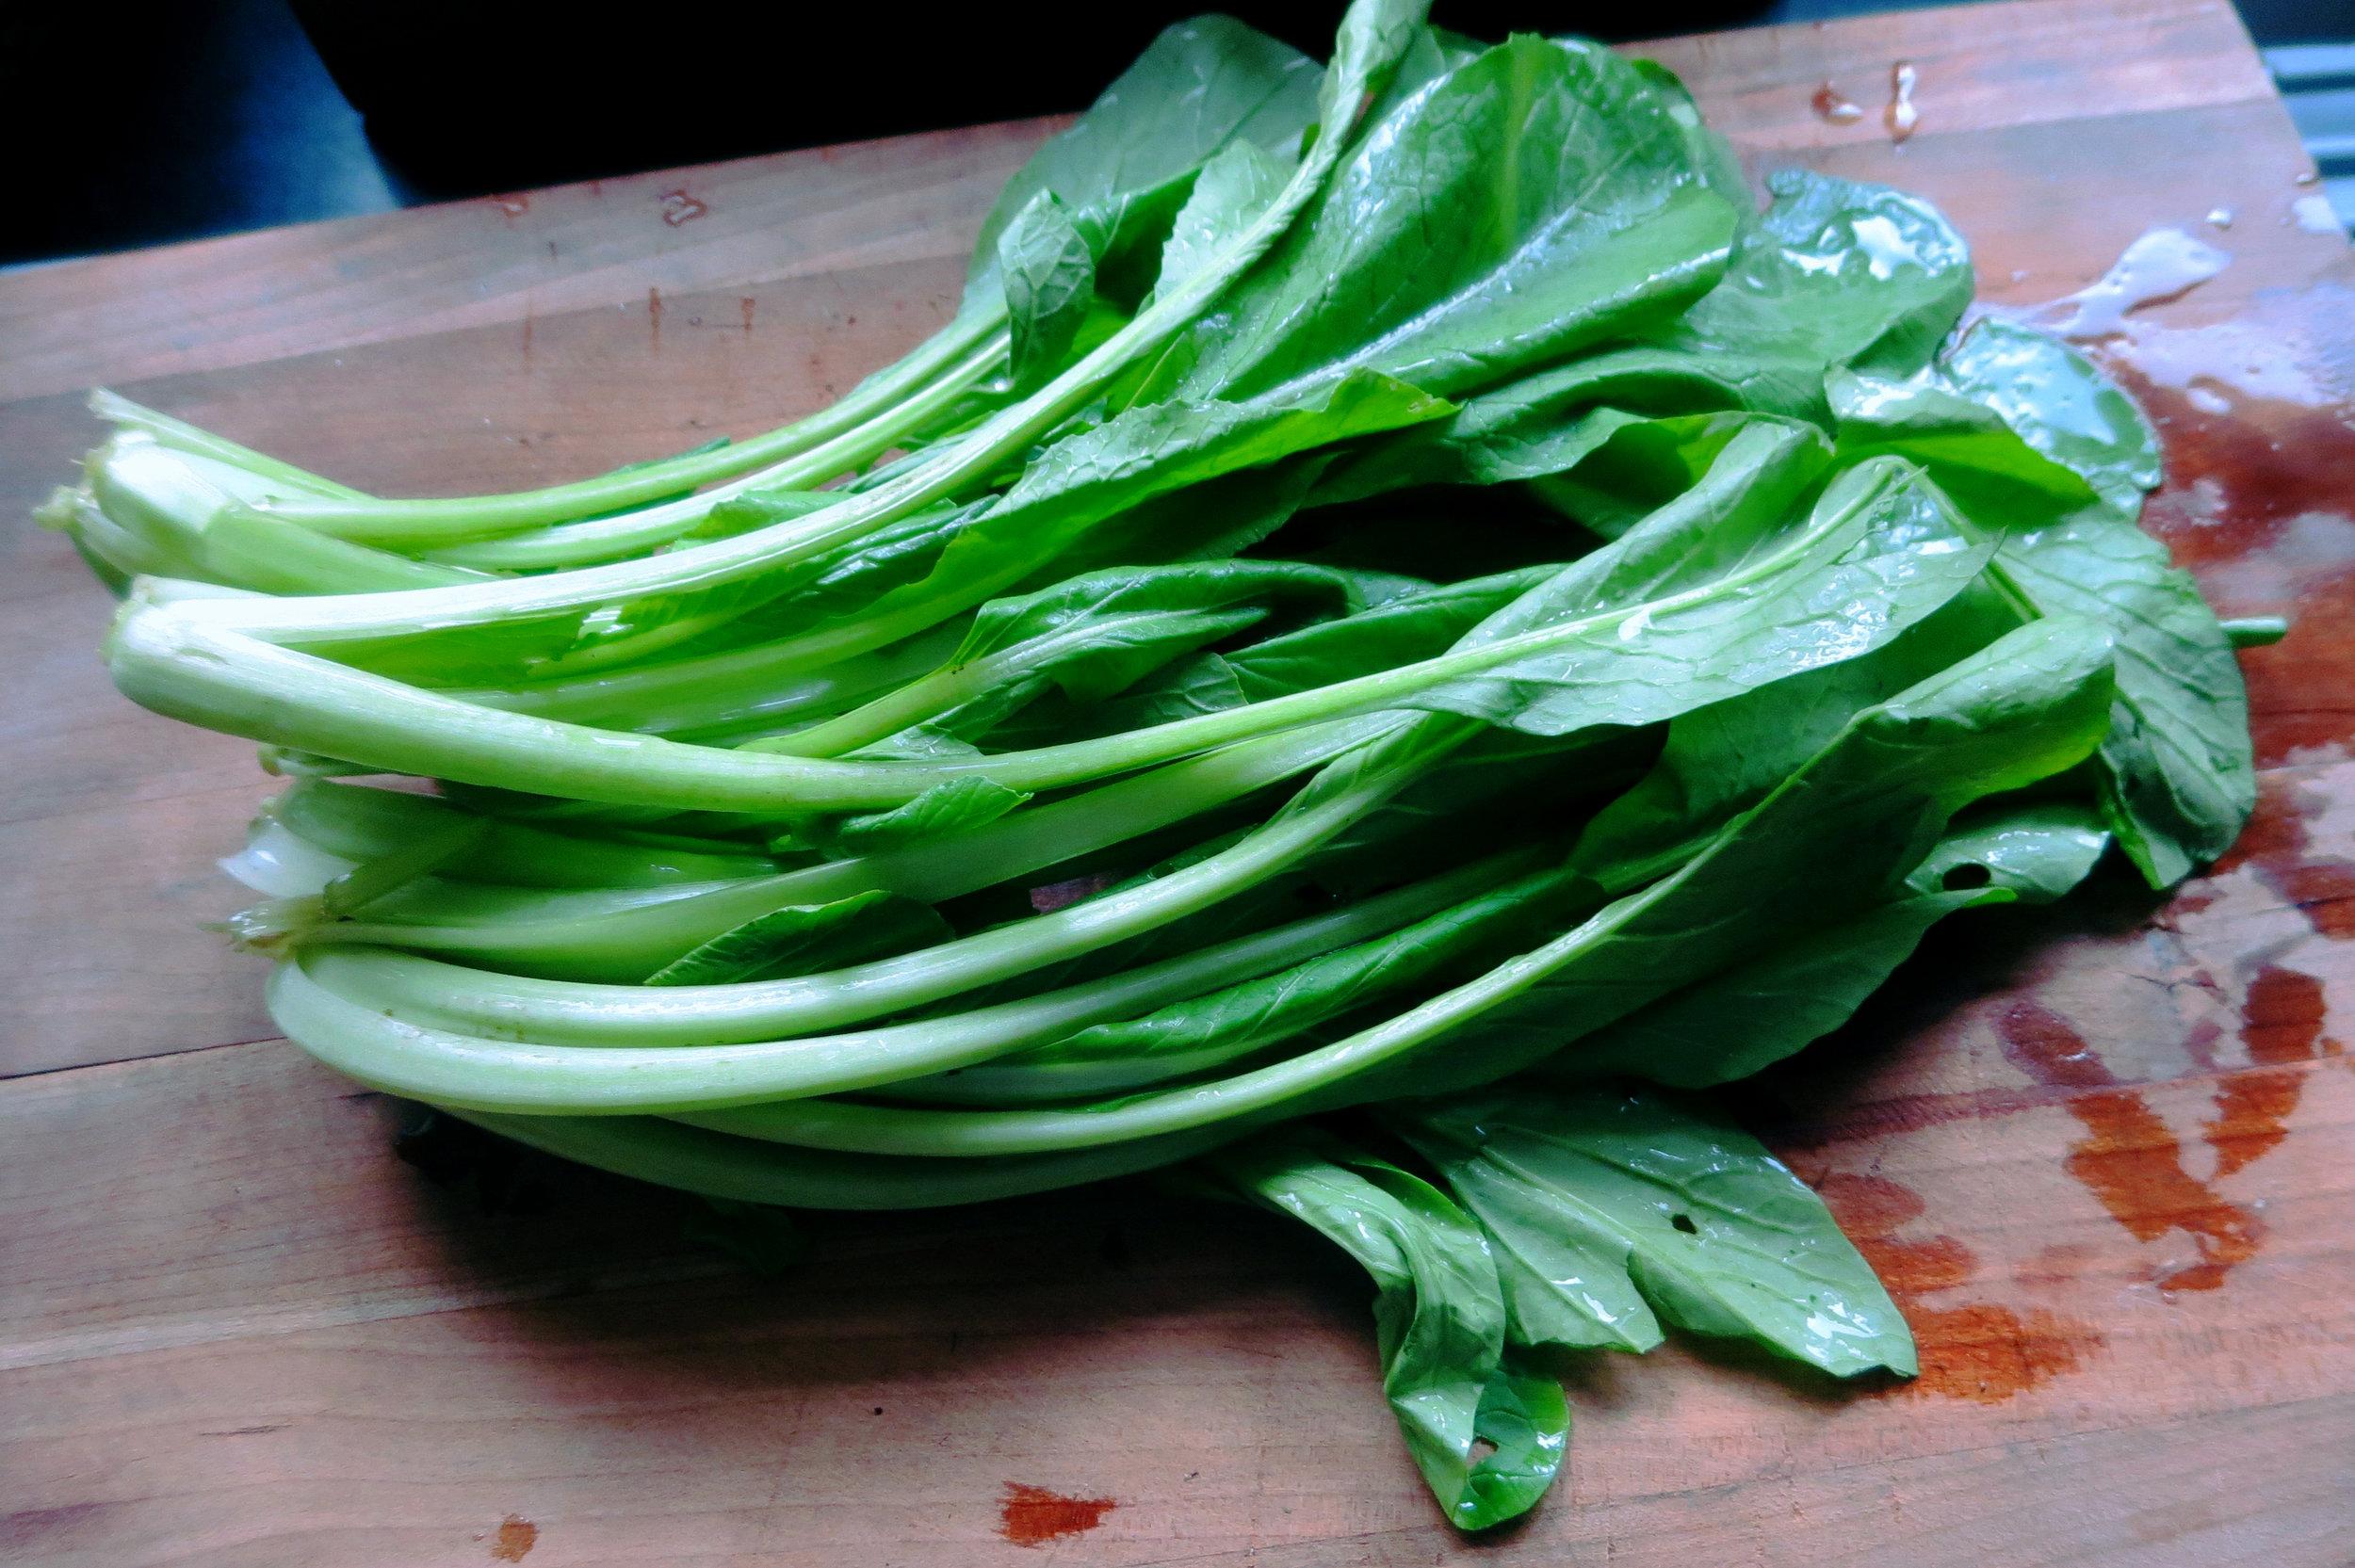 Komatsuna Mustard Spinach